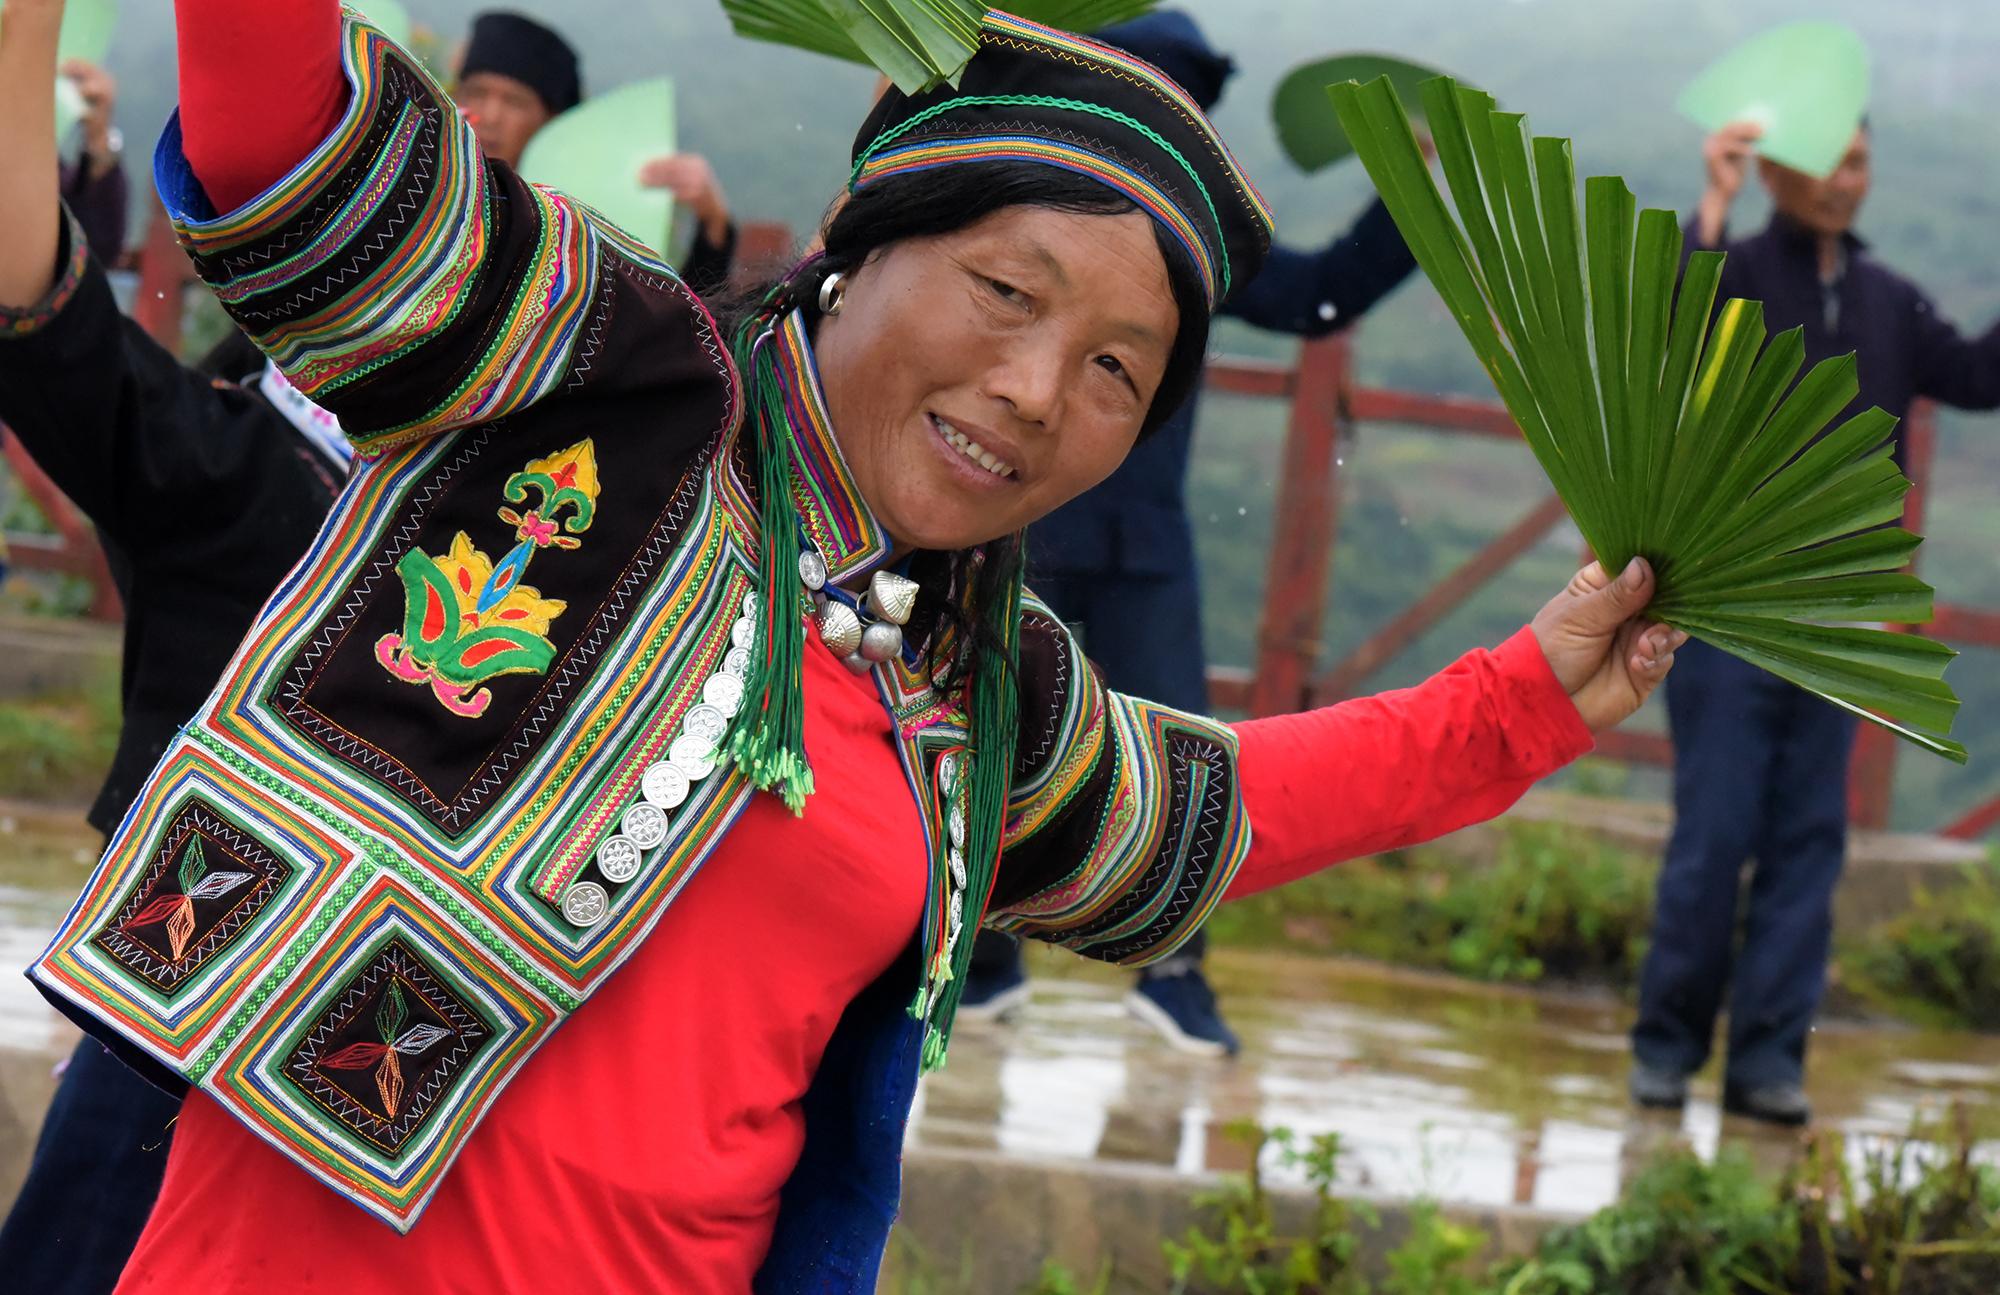 Zong Shan dance